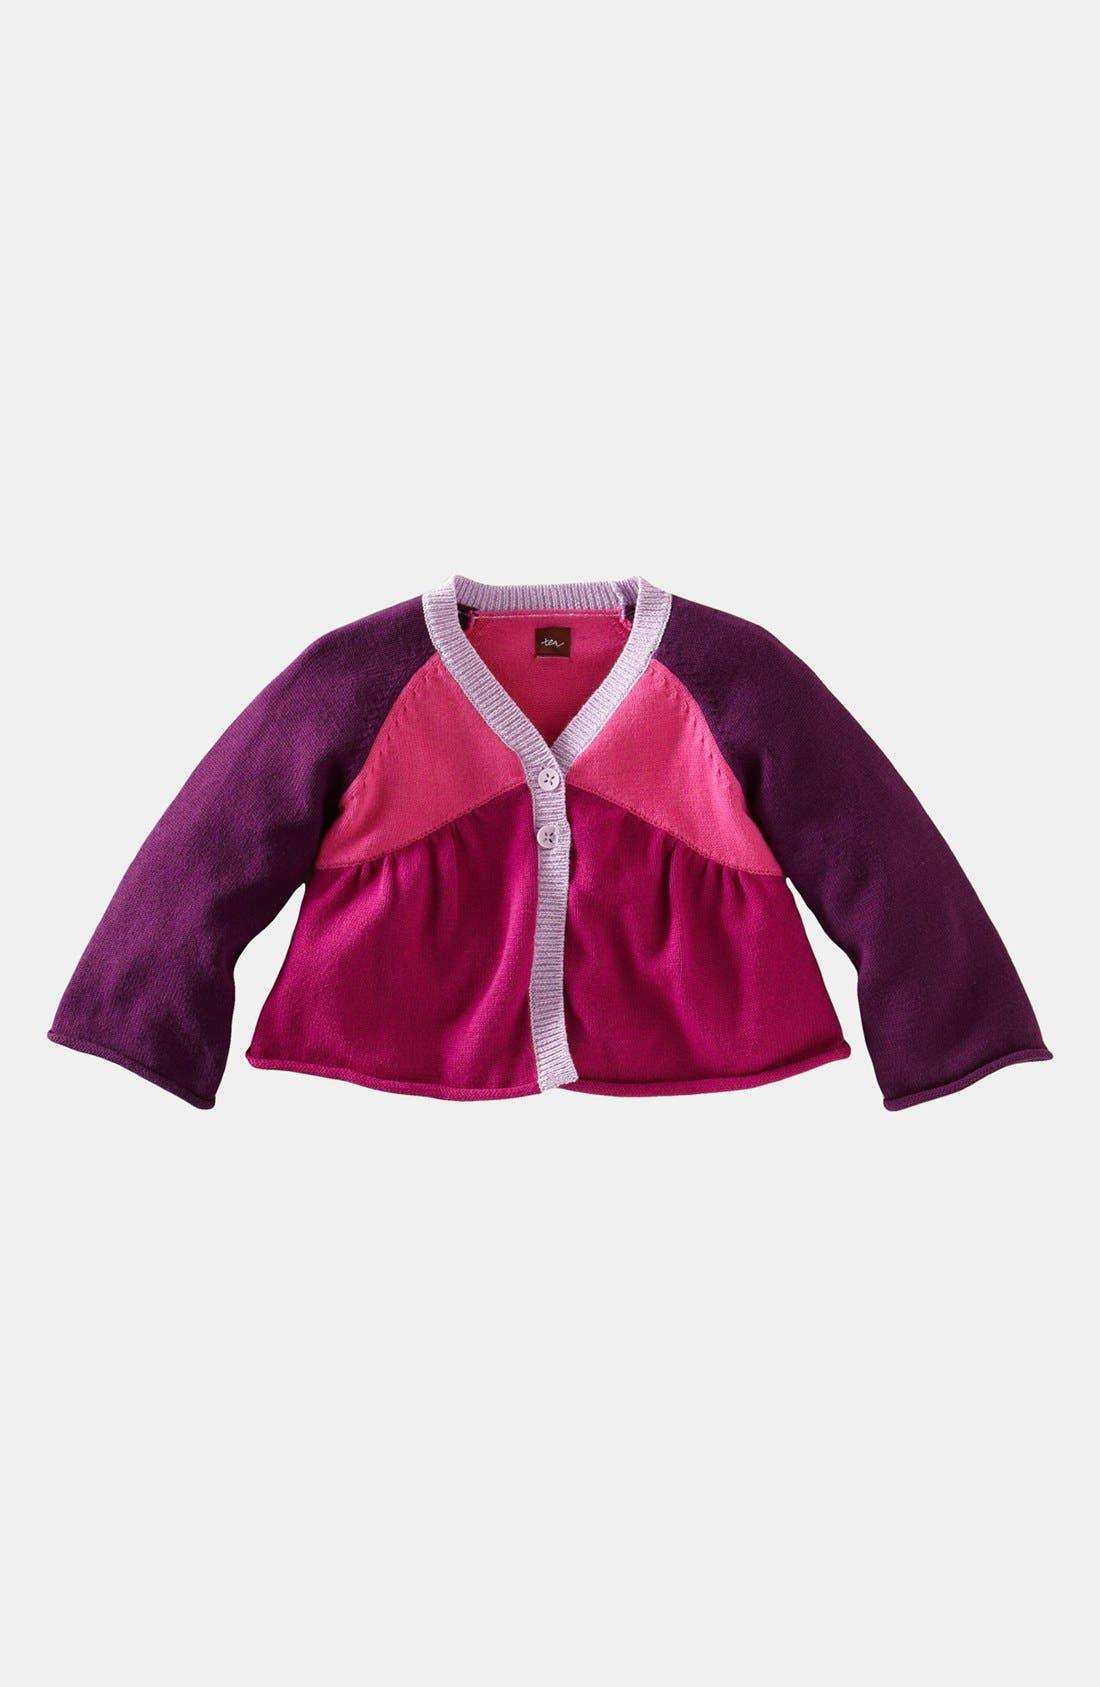 Main Image - Tea Collection Colorblock Cardigan (Toddler Girls)